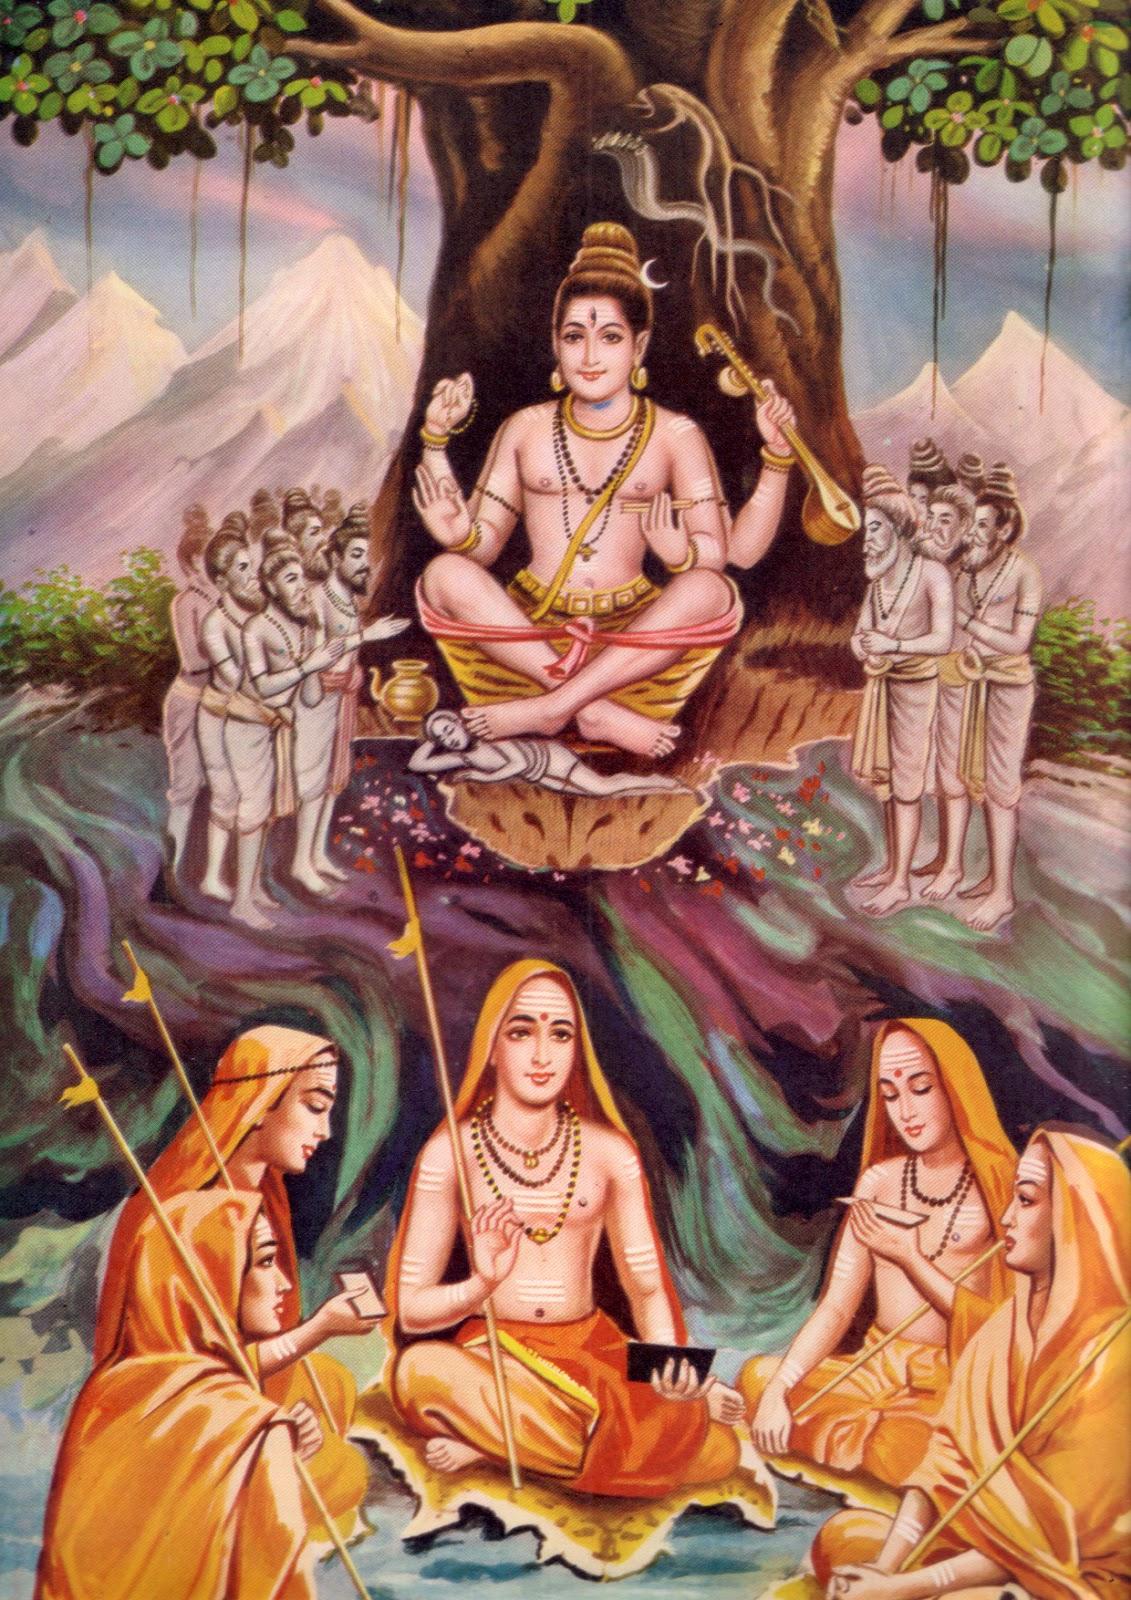 Saint Aadi Shankaracharya